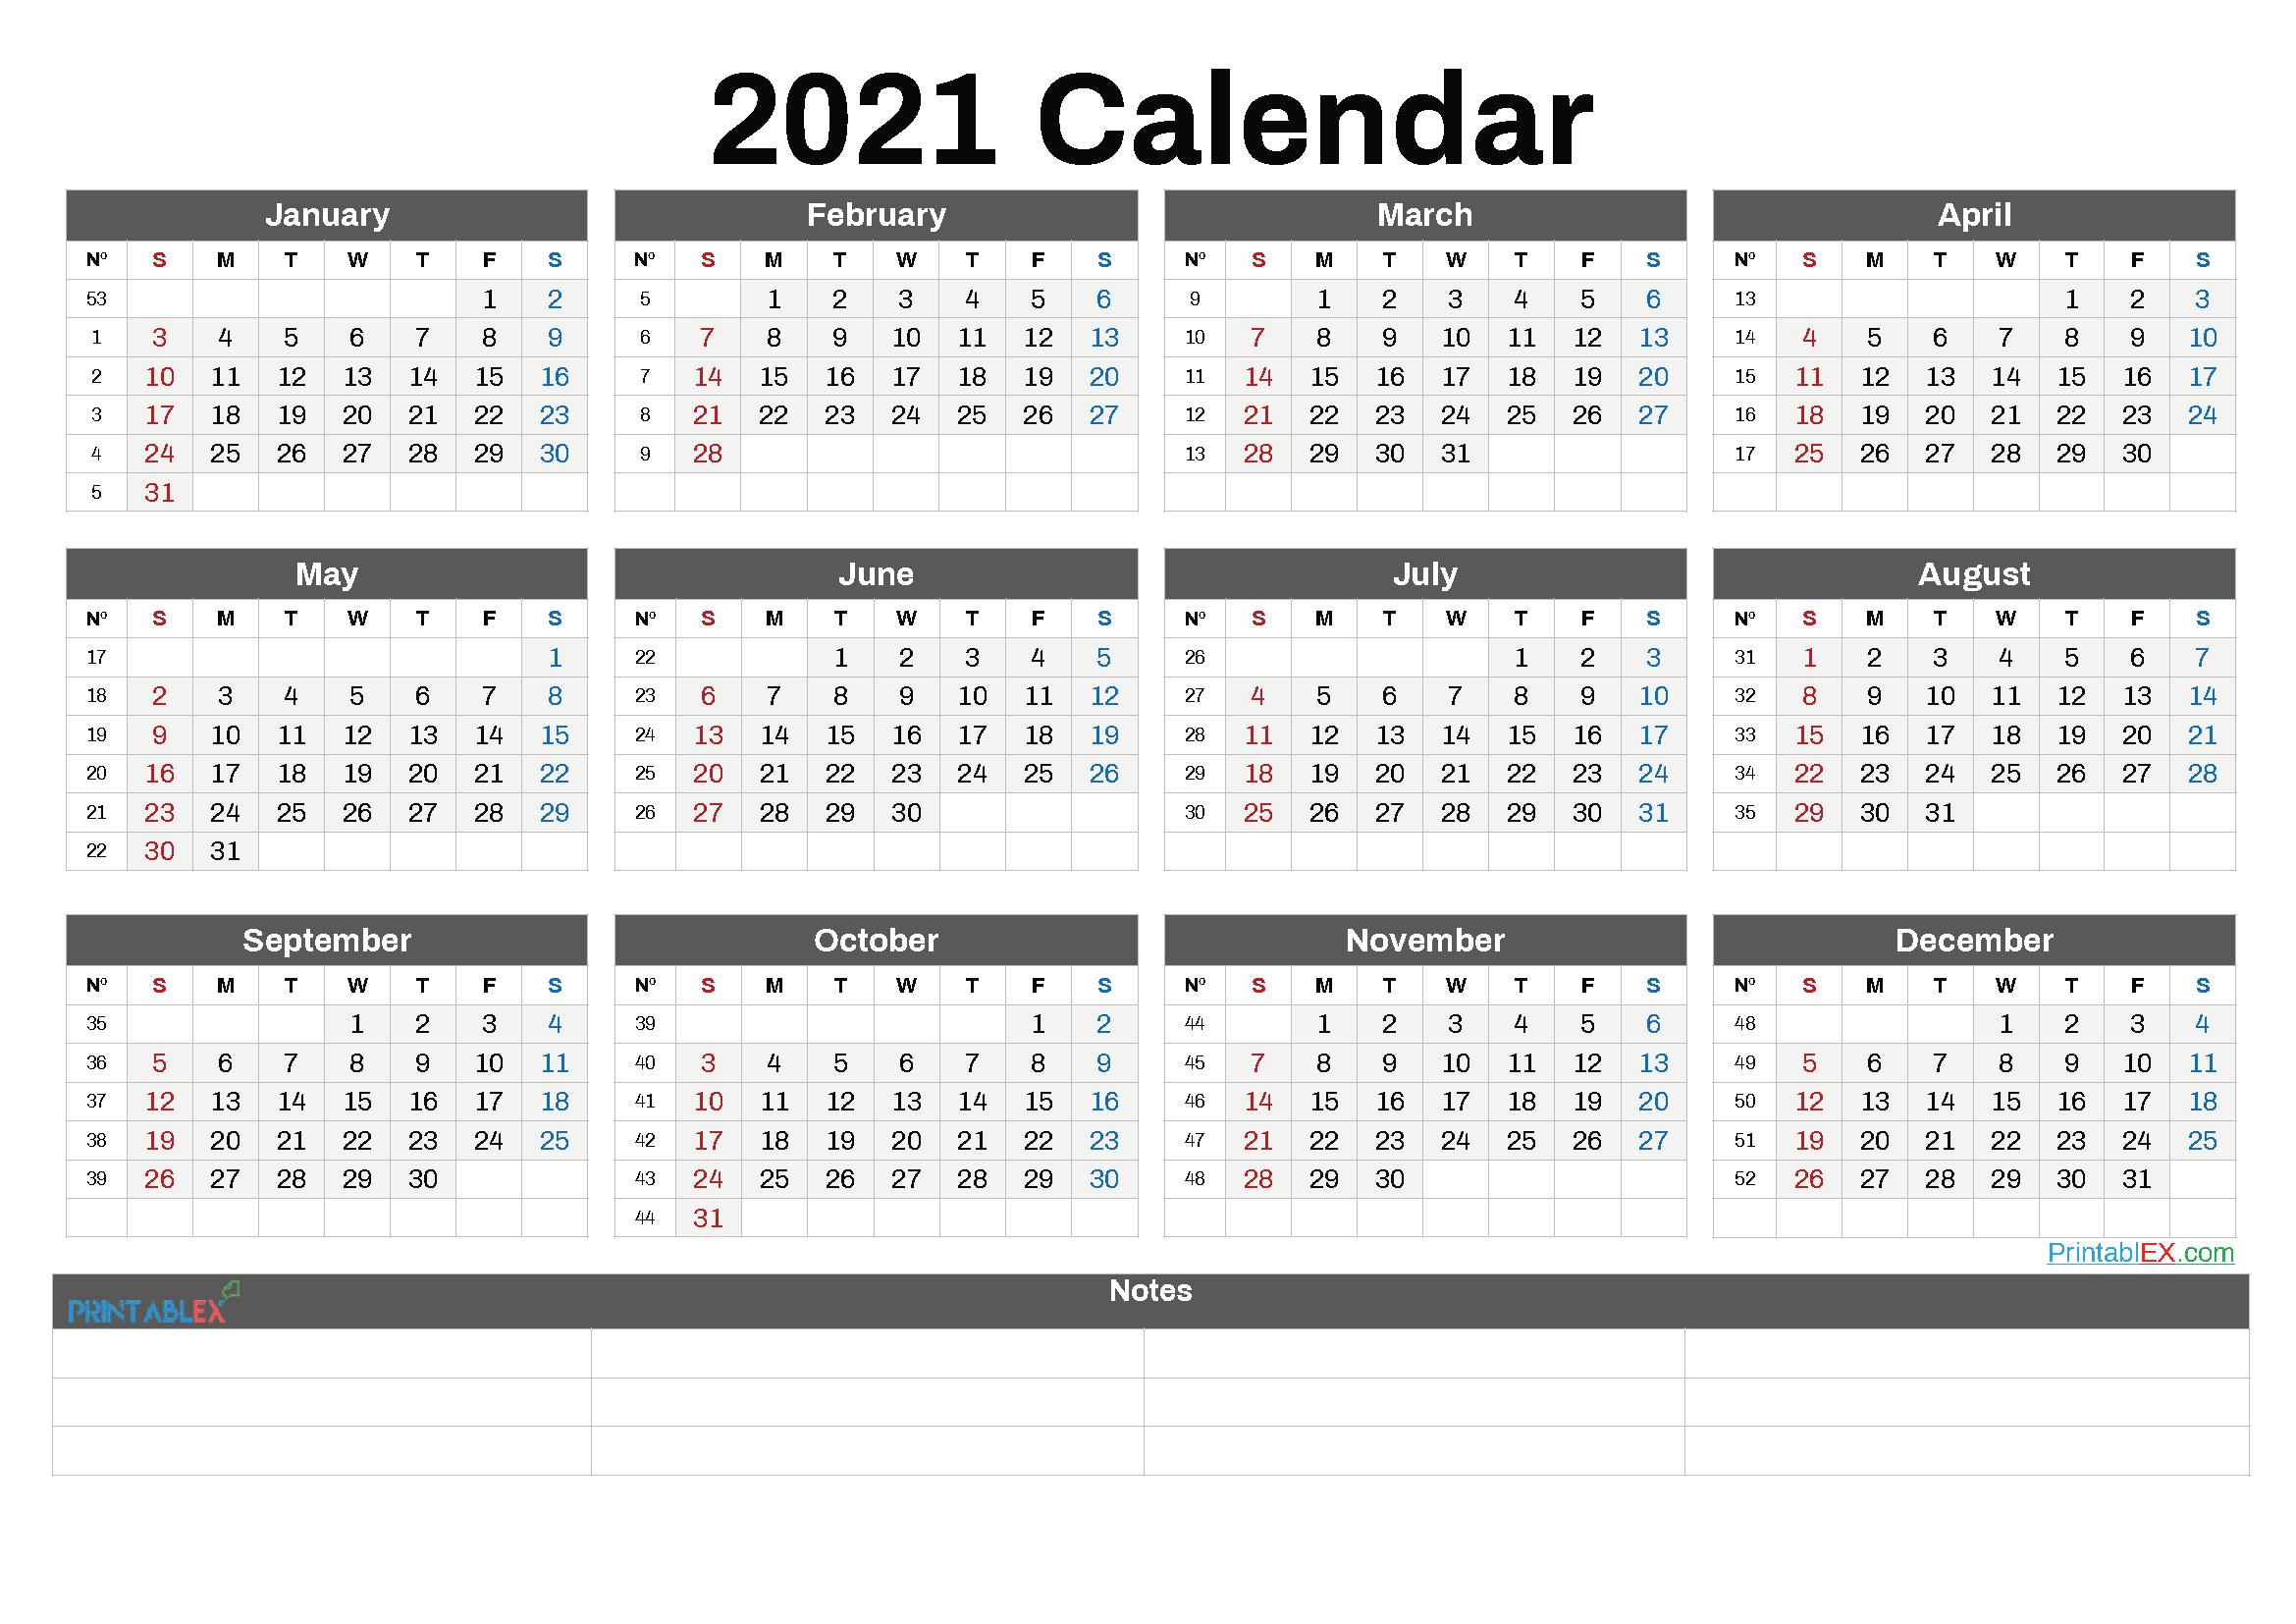 Printable 2021 Calendar By Month - 21Ytw87 - Free